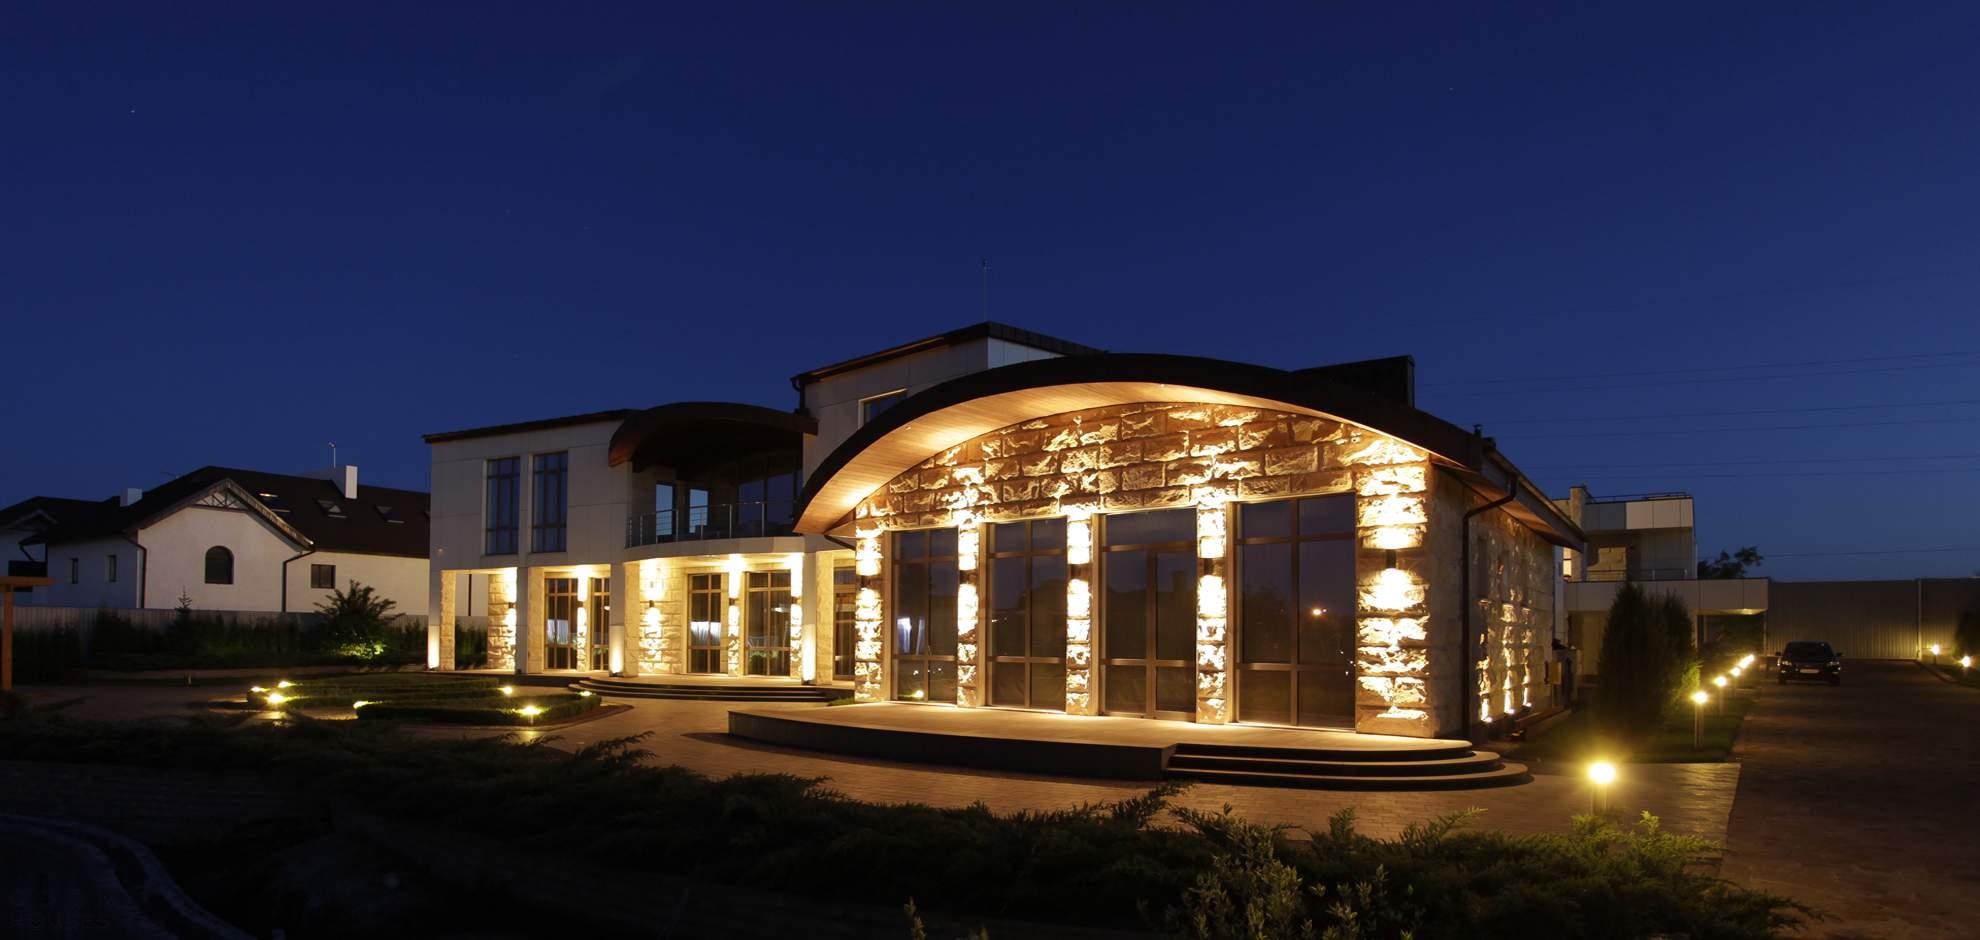 Роскошный особняк Light House от OM- architecture, Украина